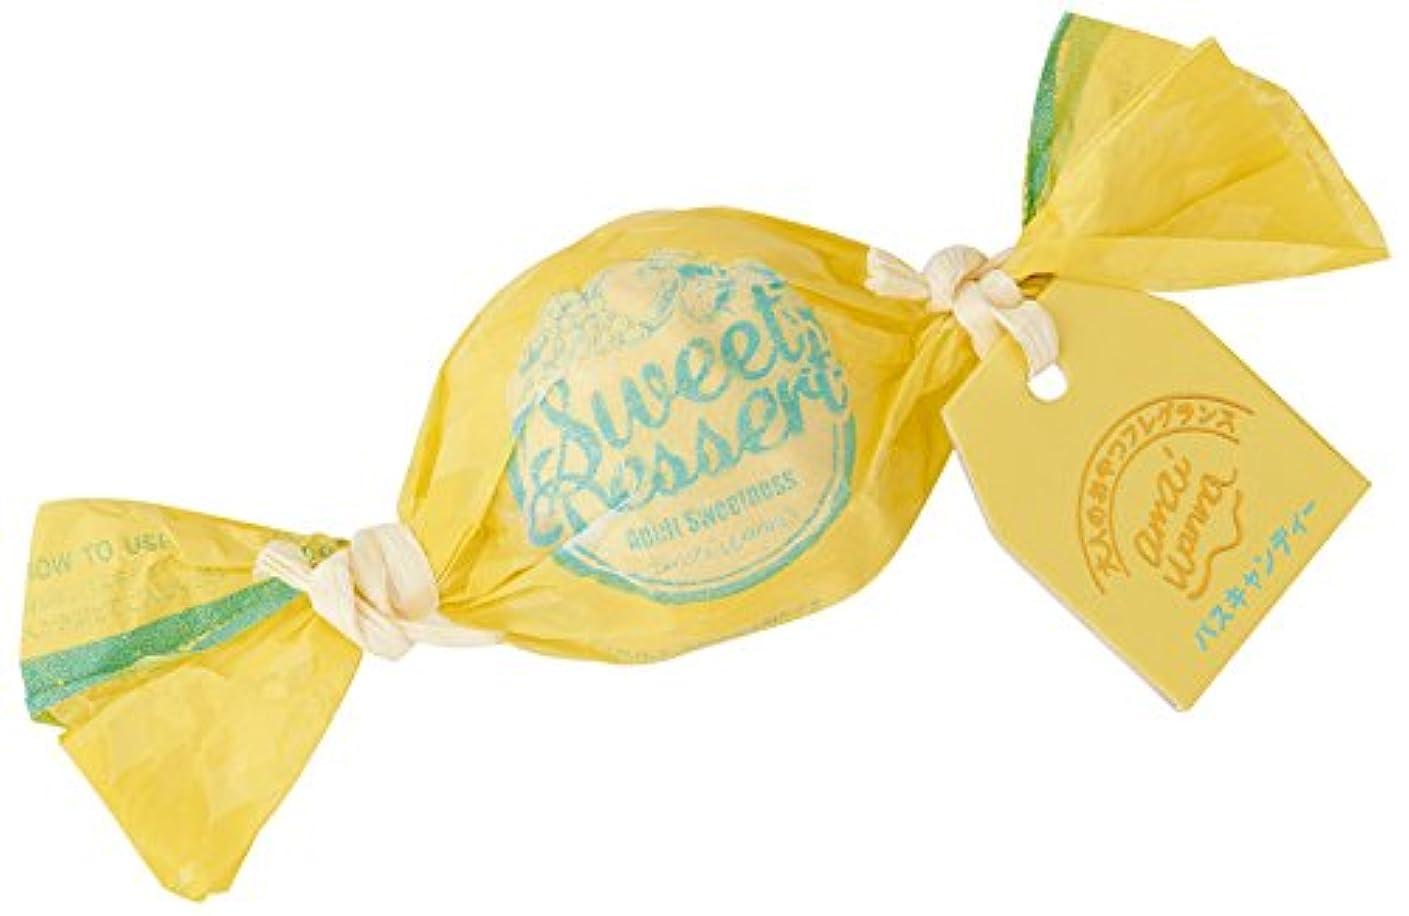 プレーヤー不規則な砂利アマイワナ バスキャンディー35g×12粒 大人の甘美デザート(発泡タイプ入浴料 フローラルと果実の香り)